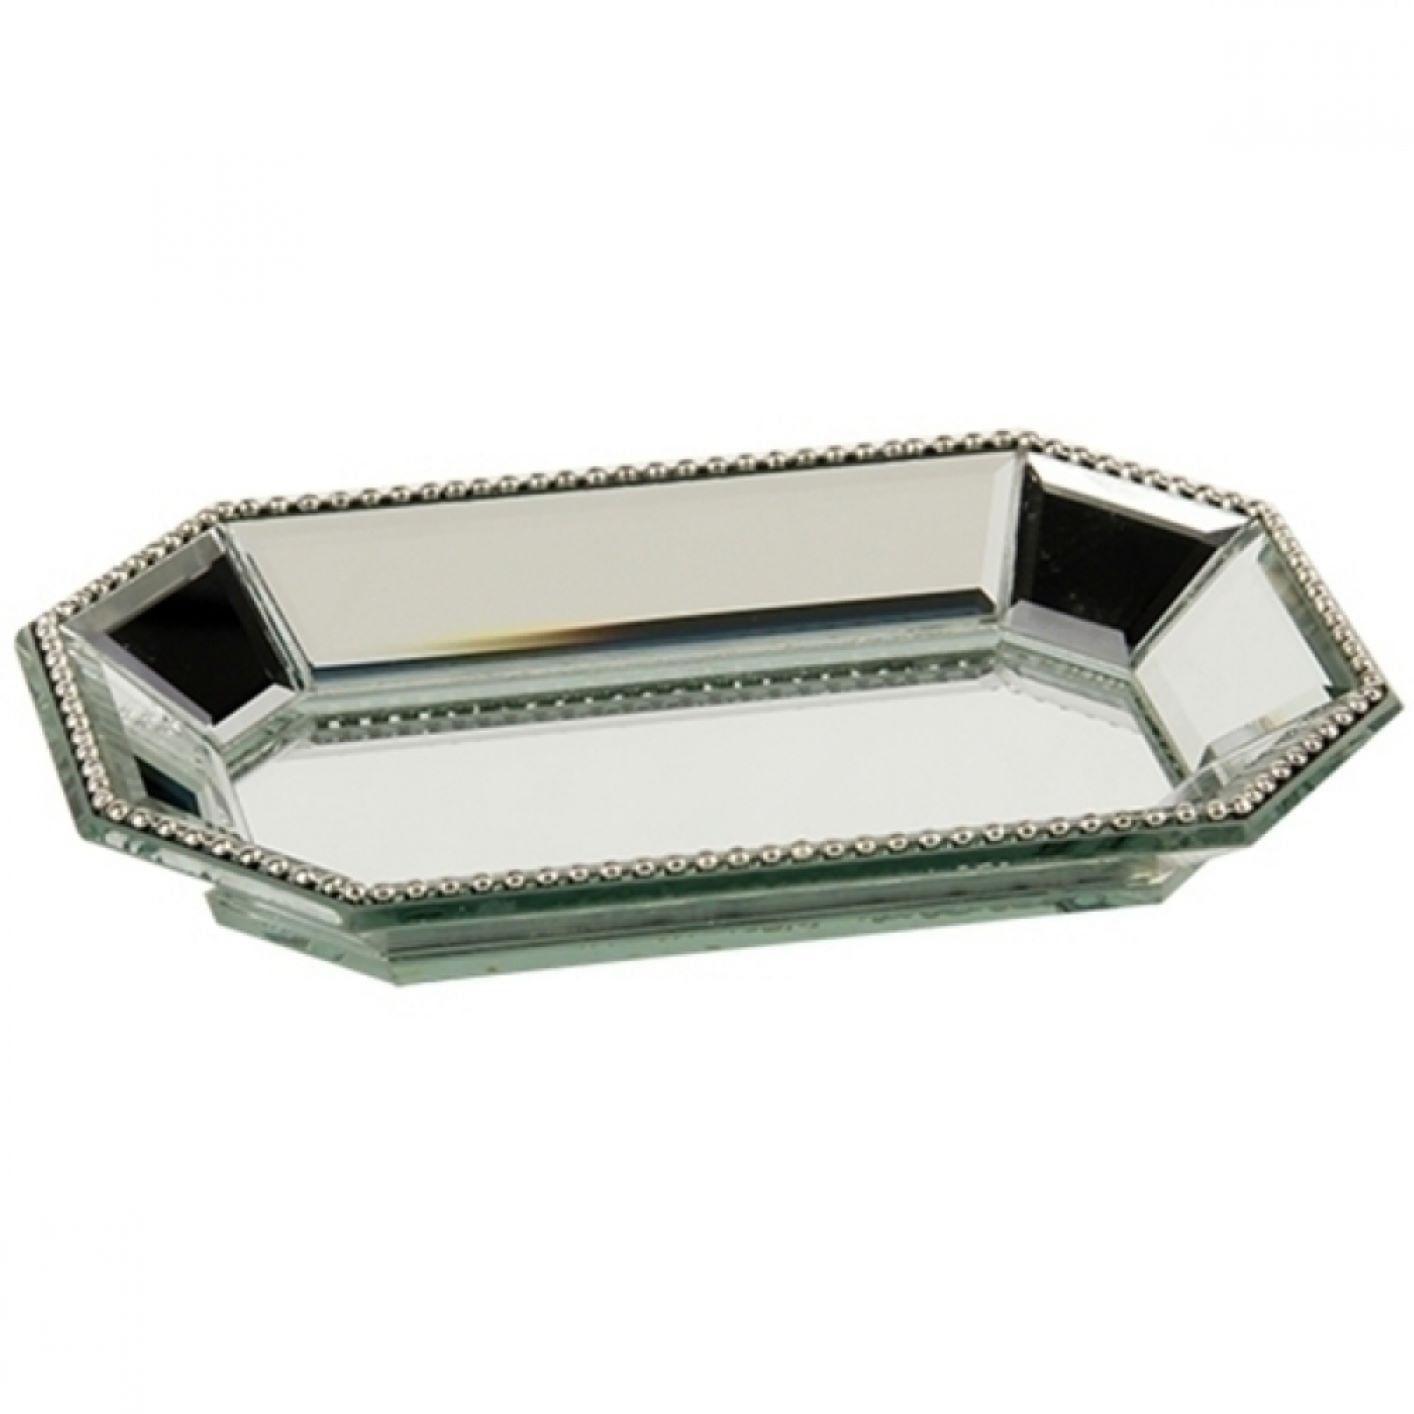 Bandeja Espelhada - Hexagonal Com Borda Bolinha 18x12cm